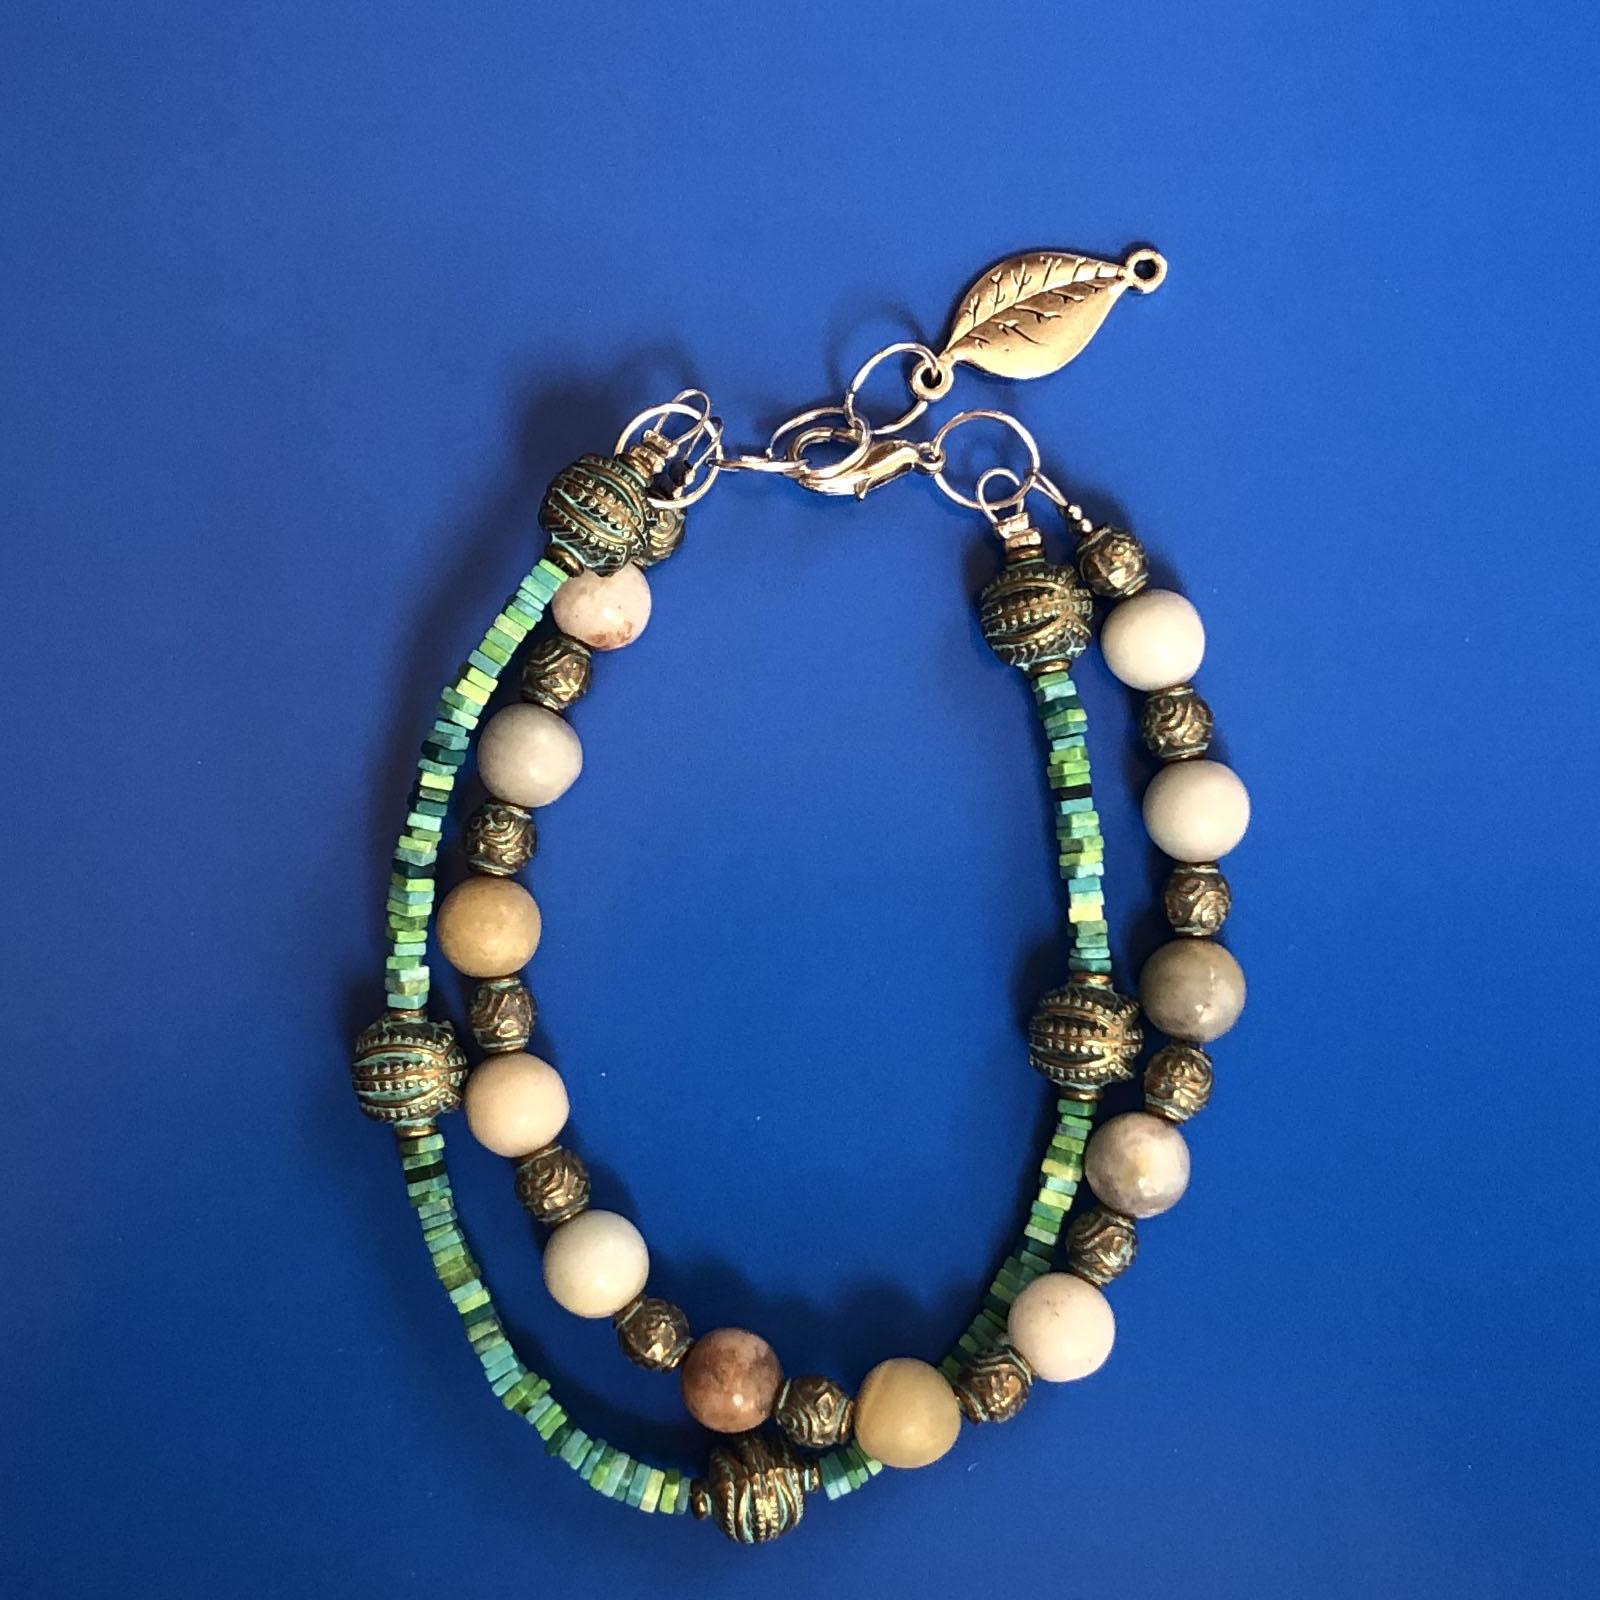 دستبند زنانه  طرح برگ کد 200